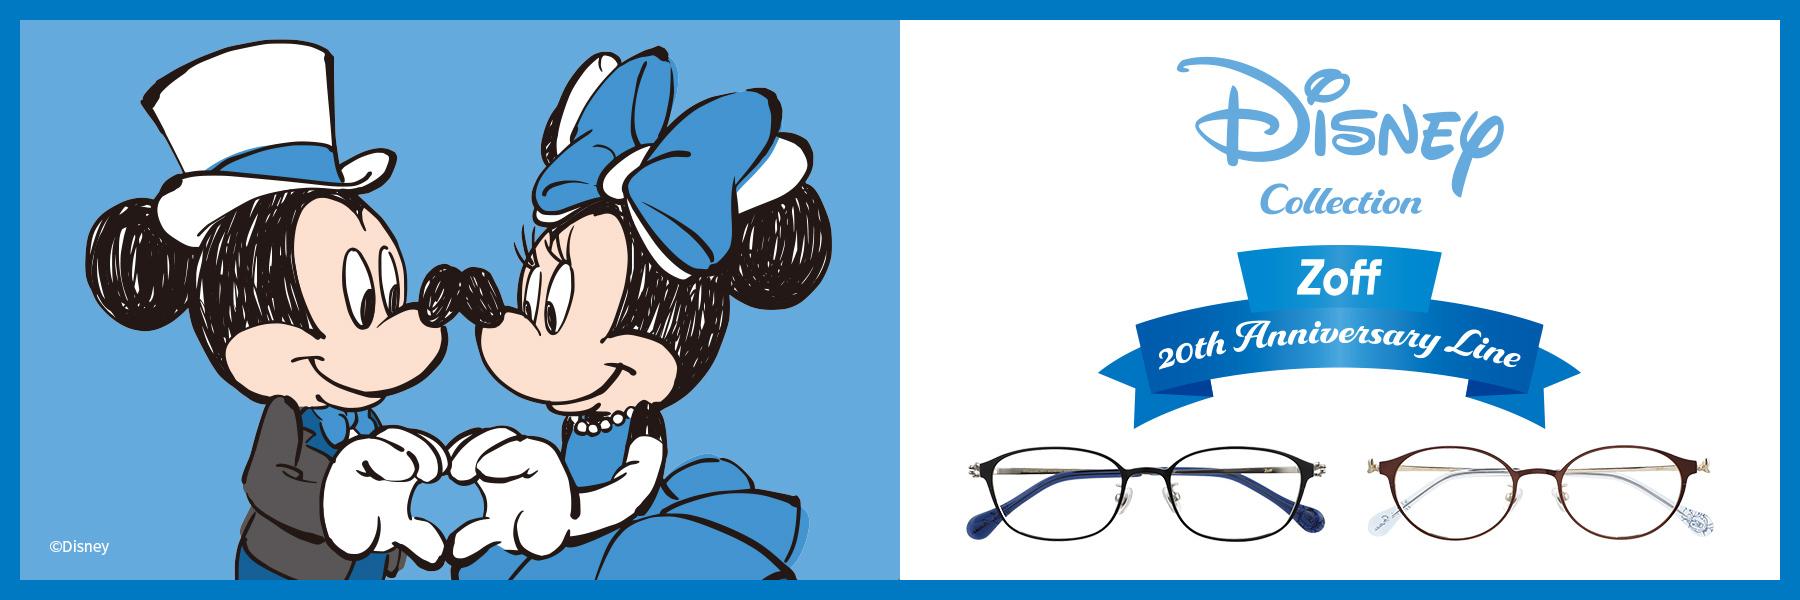 ディズニーコレクションからスペシャルなZoff 20周年記念モデルが登場!